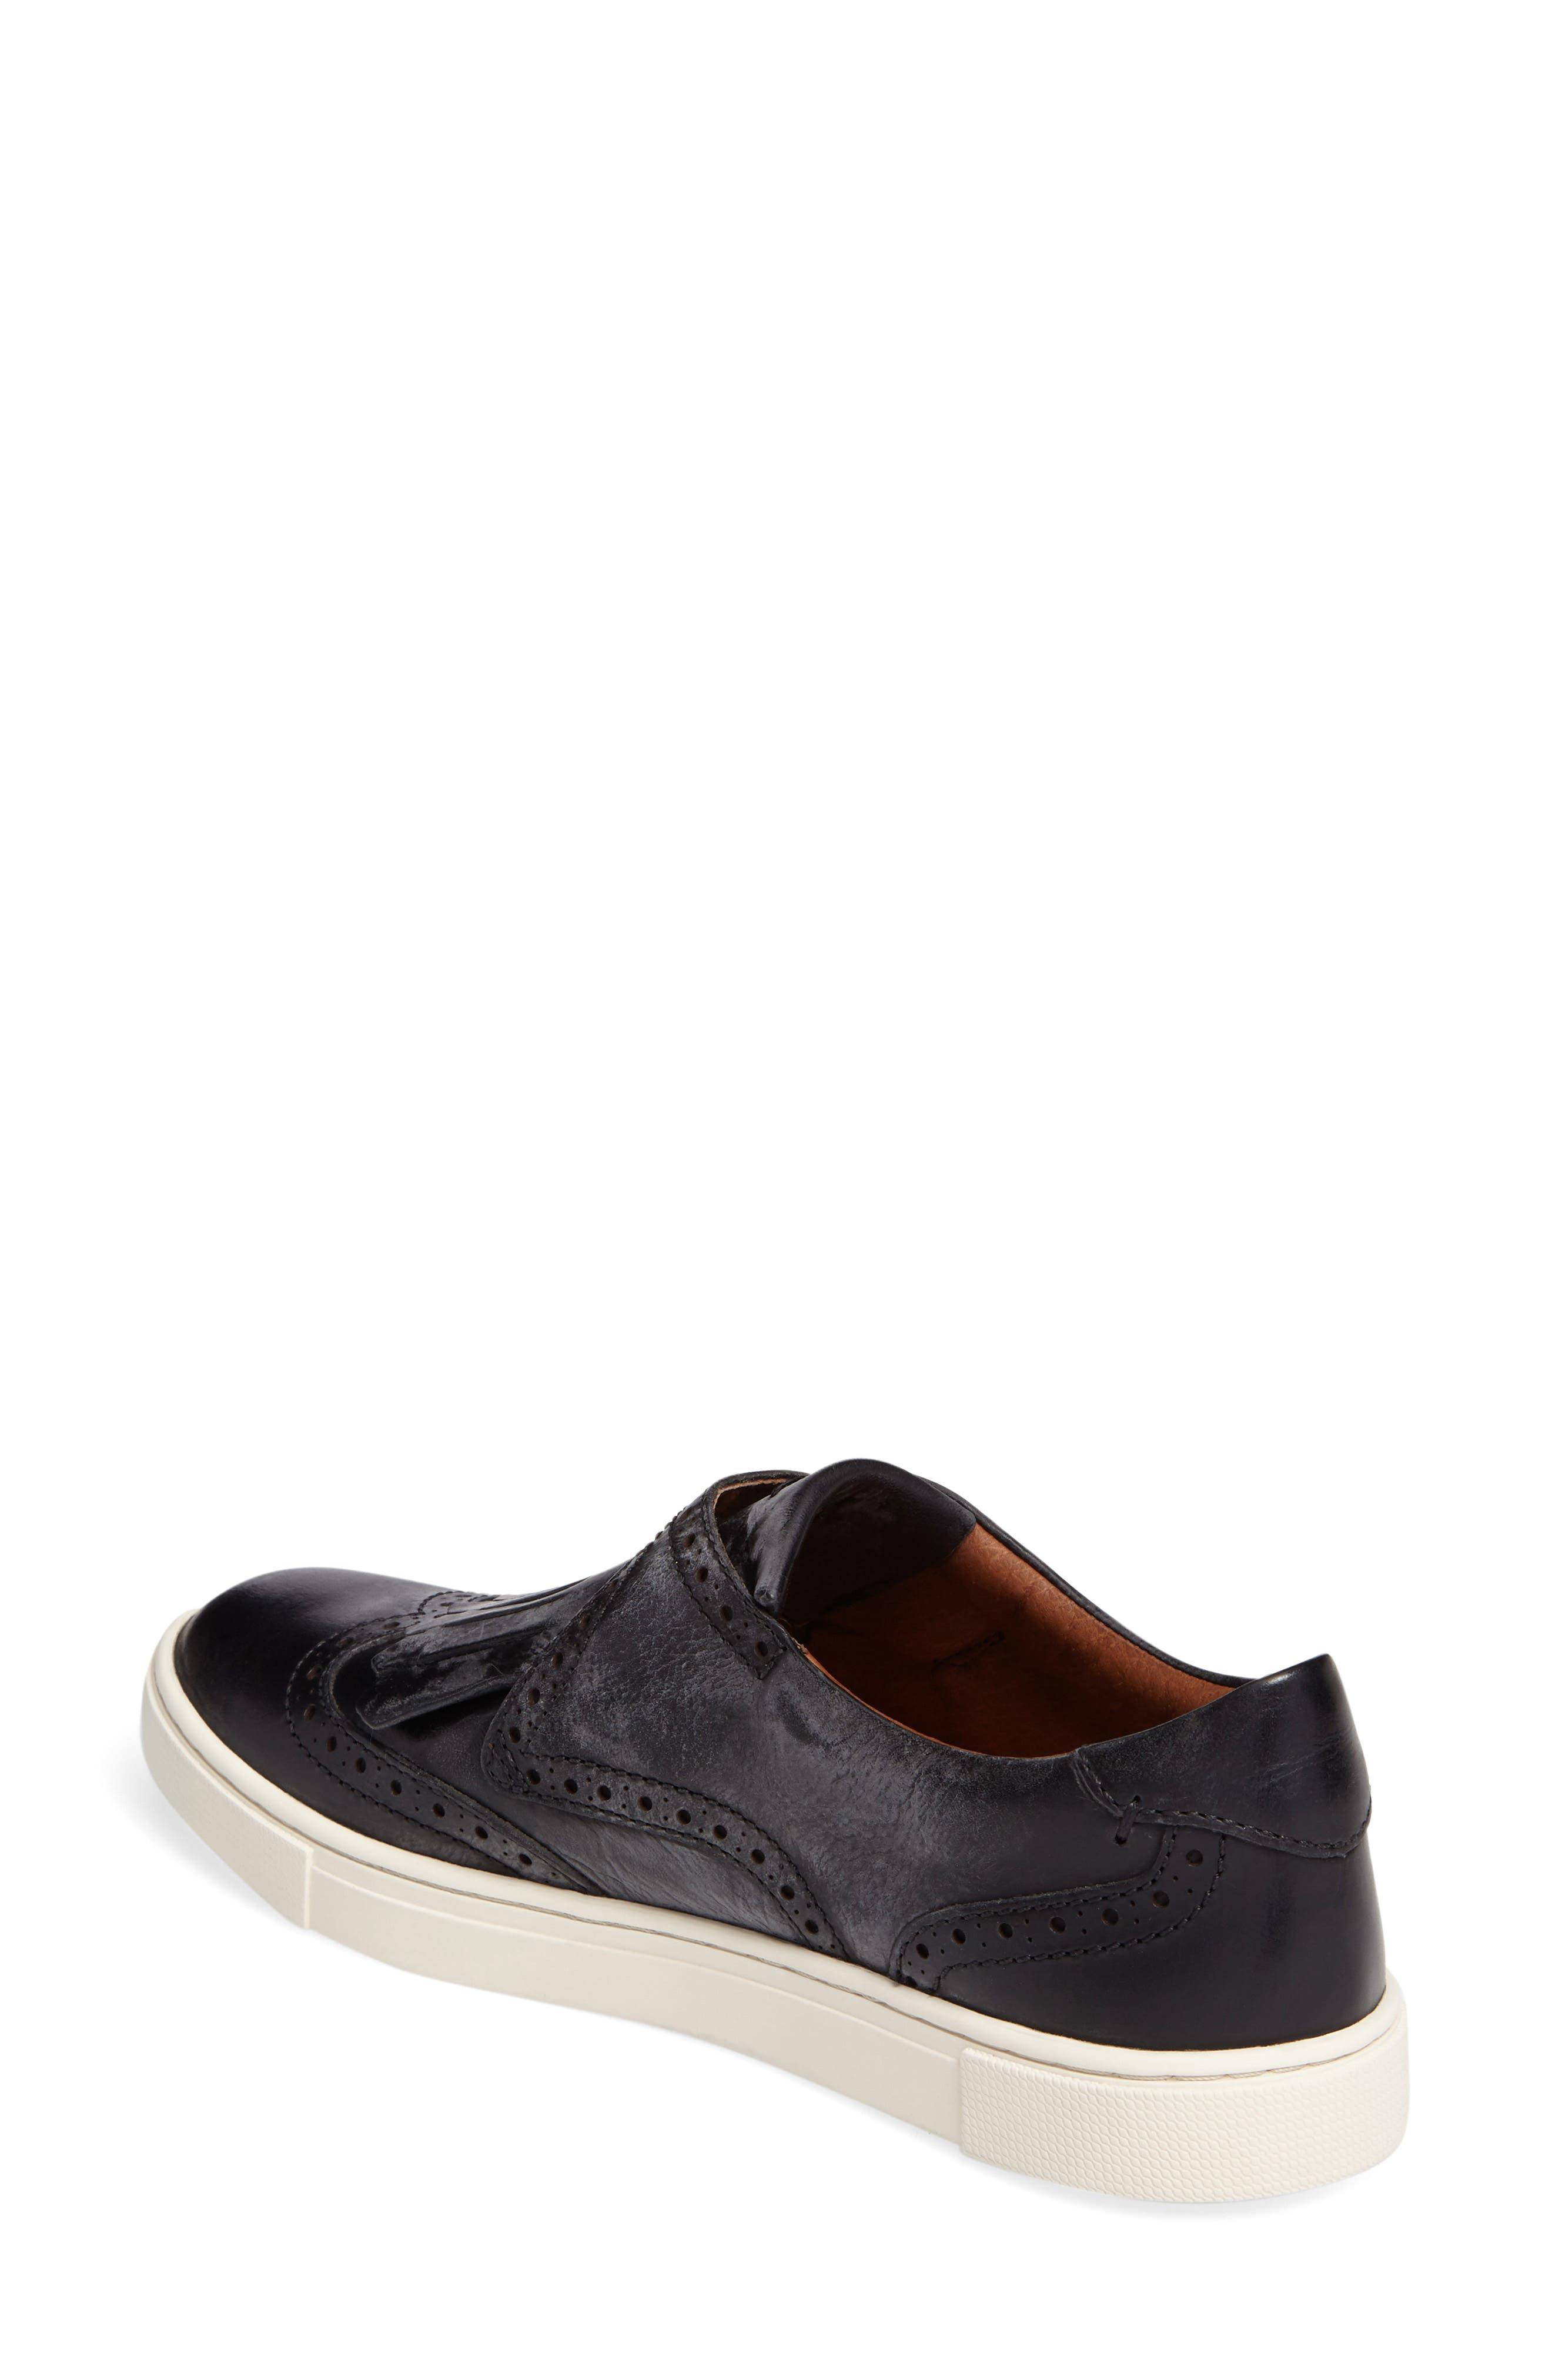 'Gemma' Kiltie Slip On-Sneaker,                             Alternate thumbnail 9, color,